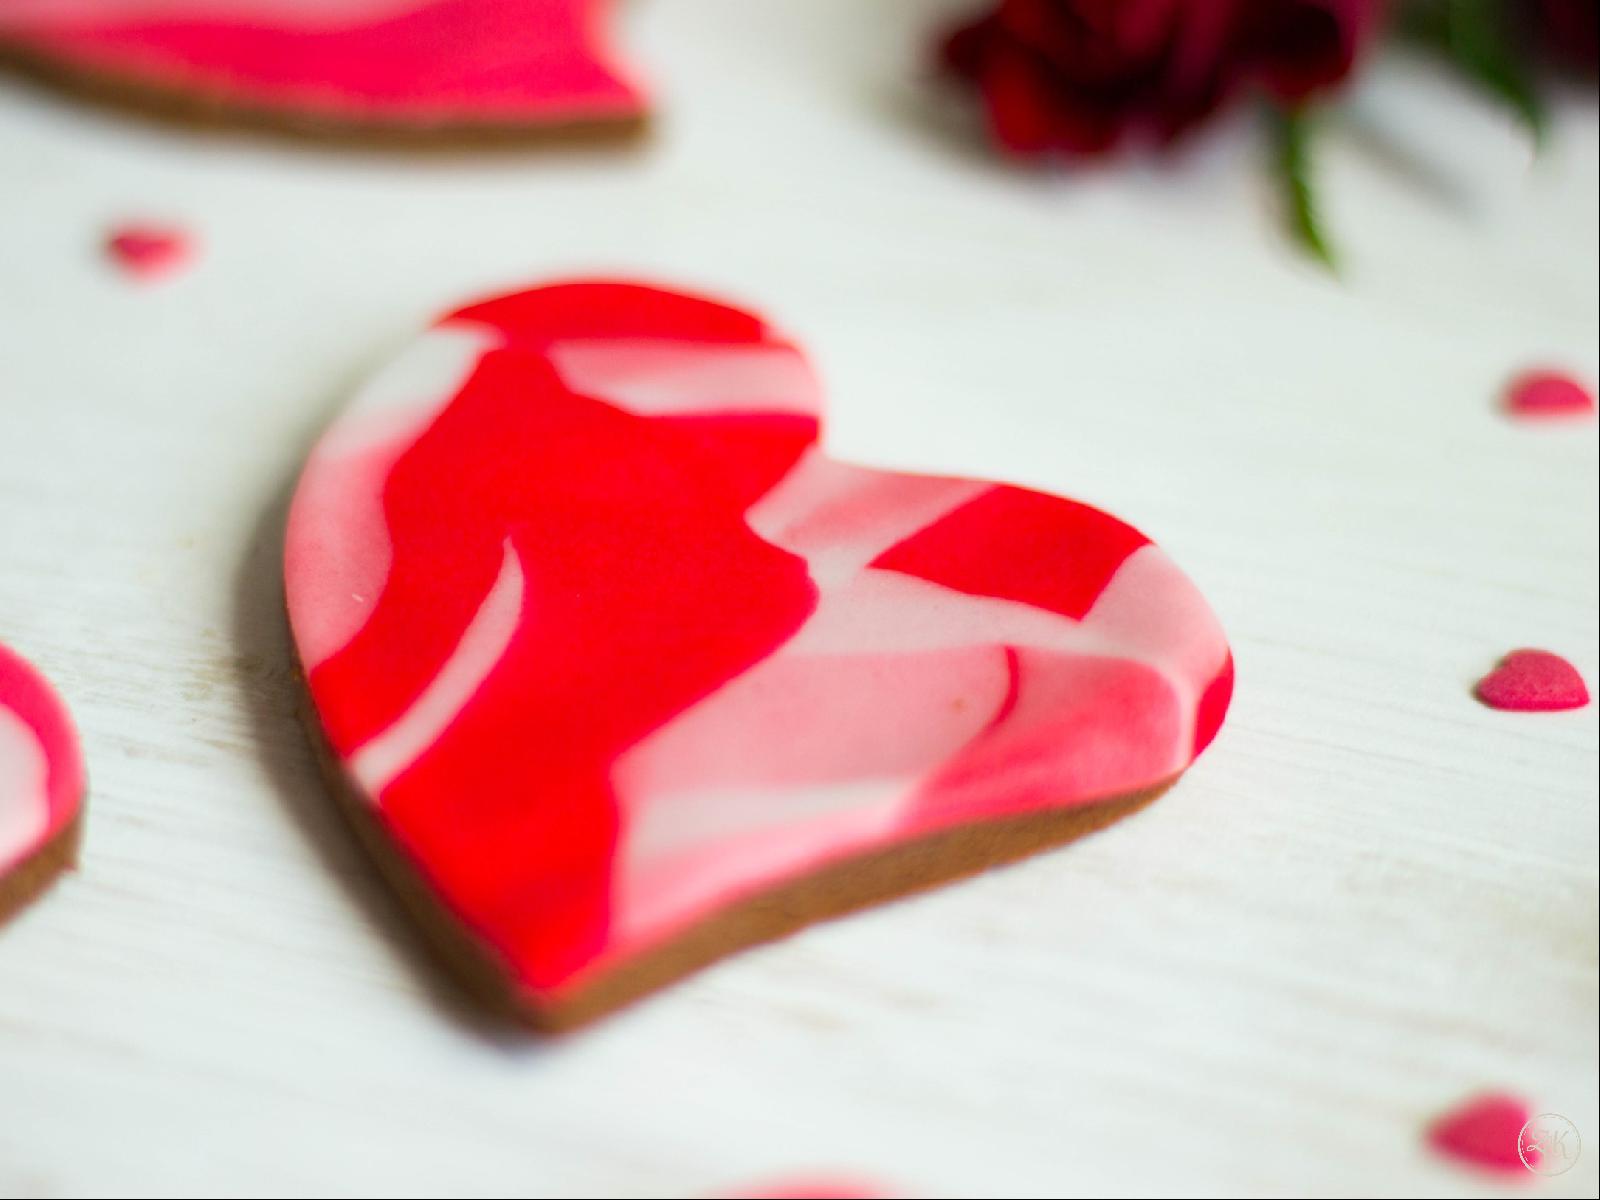 Vegane Liebeskekse - mürber Schokokeks mit süßer Verzierung